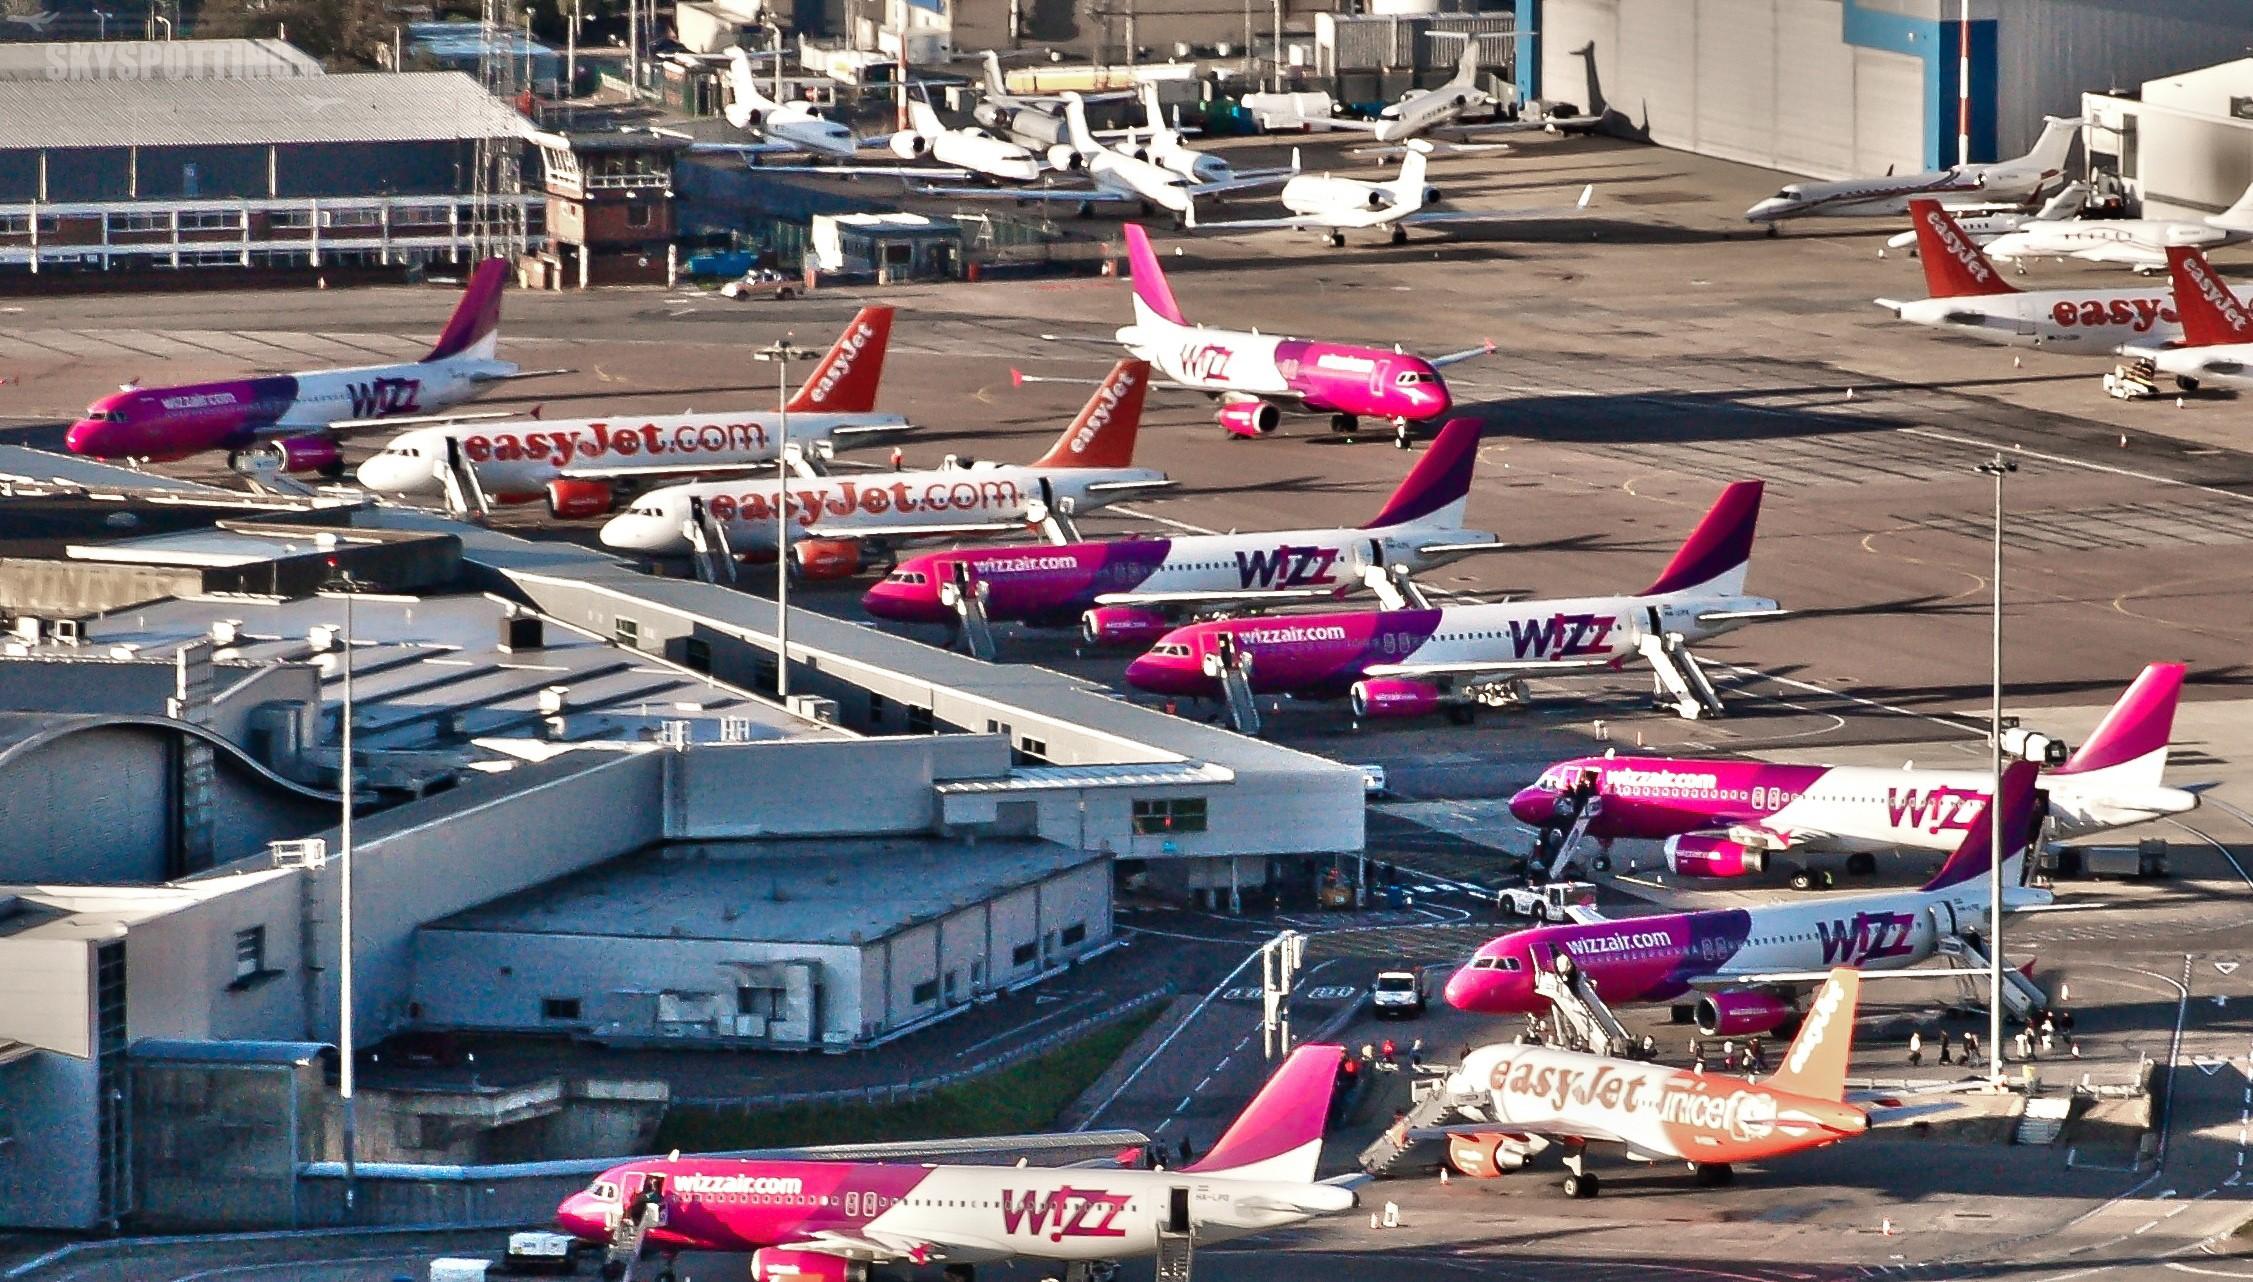 Już od września połączenia Wizz Air z Warszawy do Birmingham